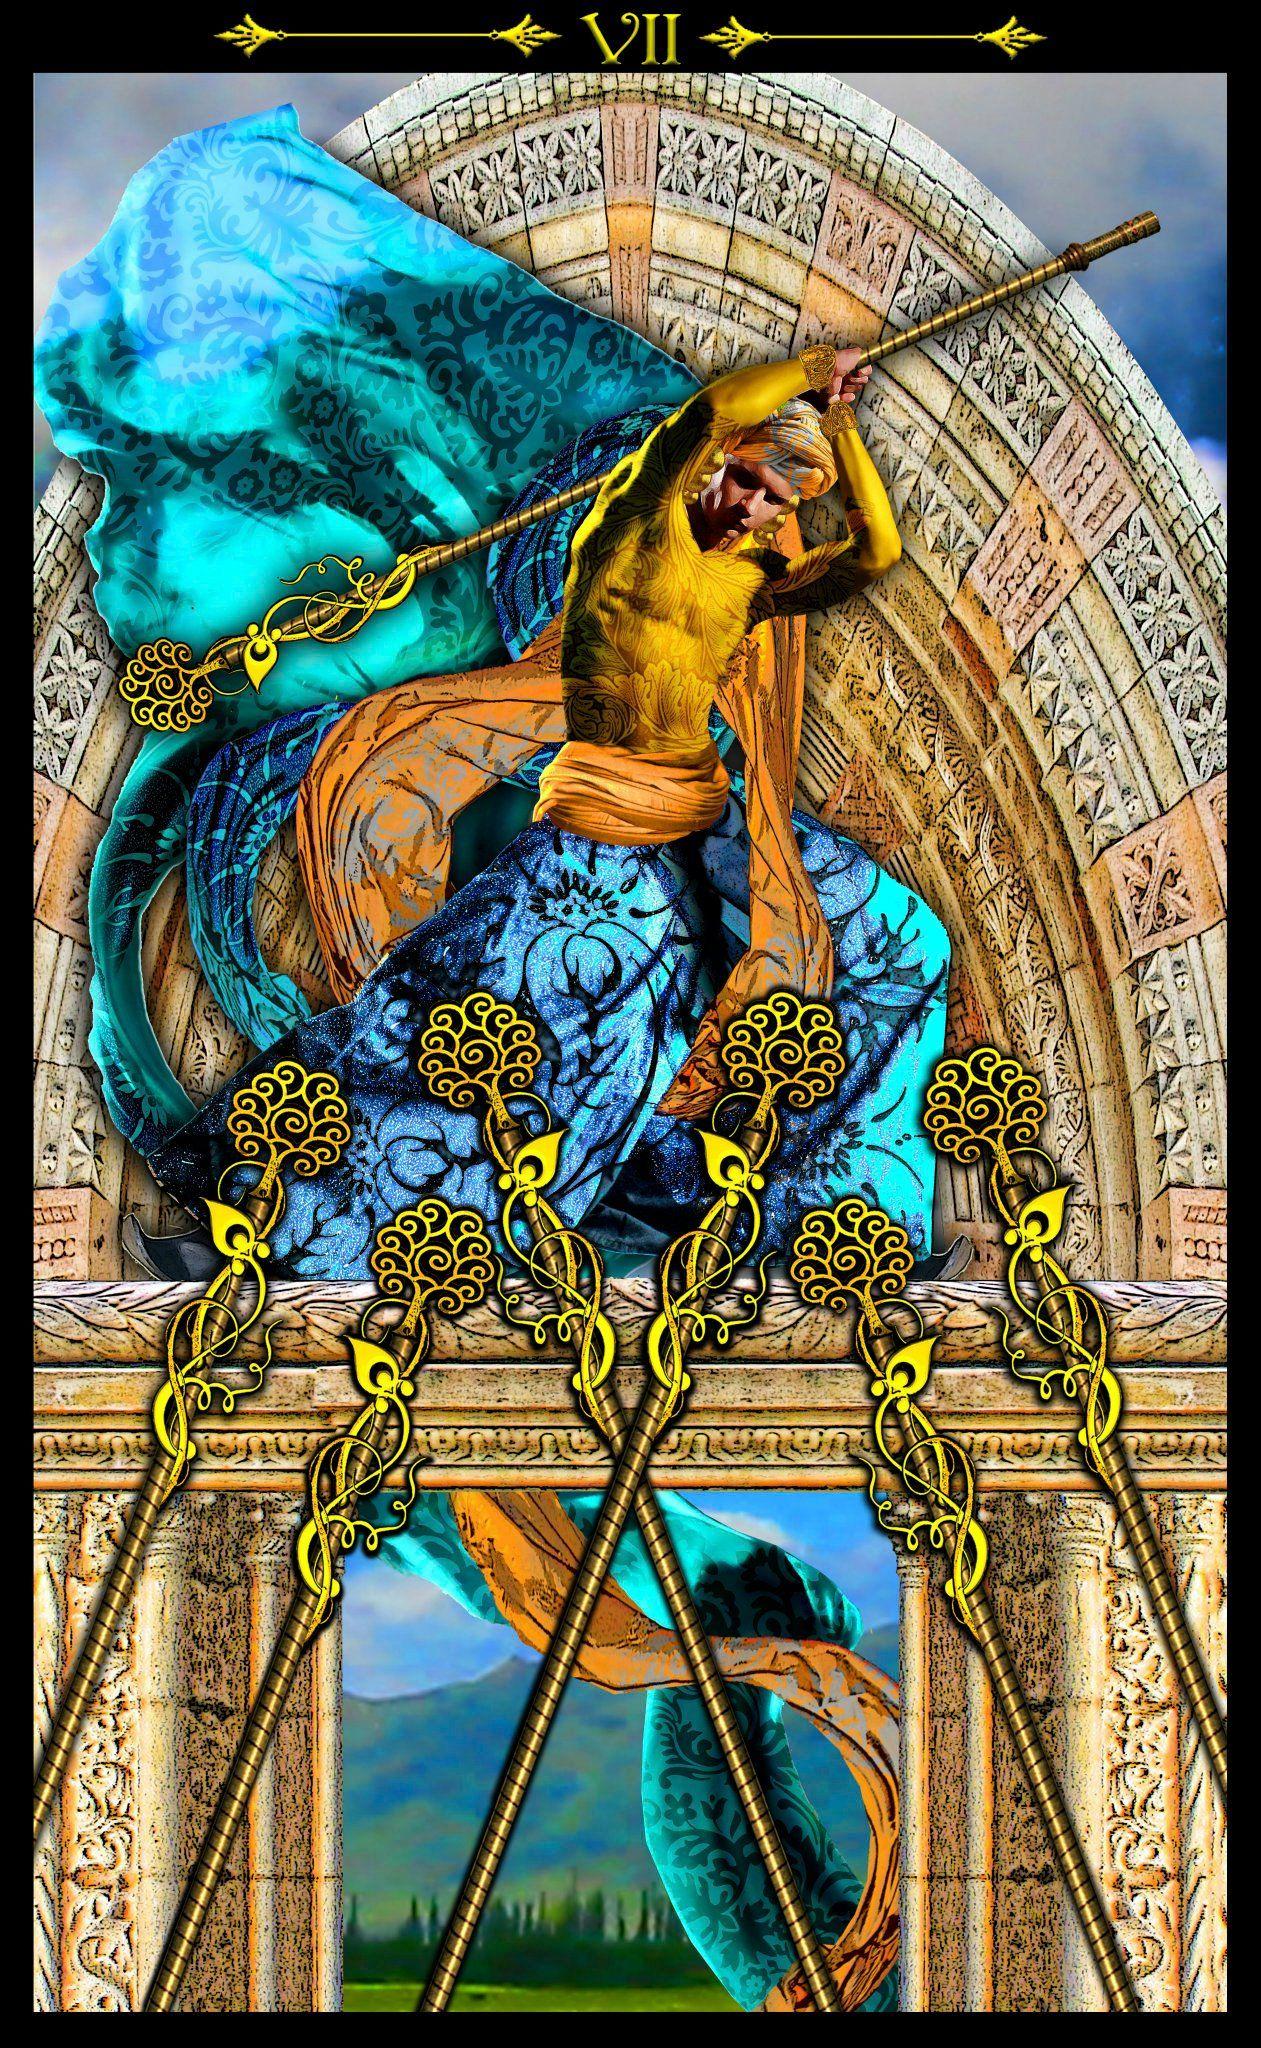 Resultado de imagem para 7 de paus illuminati